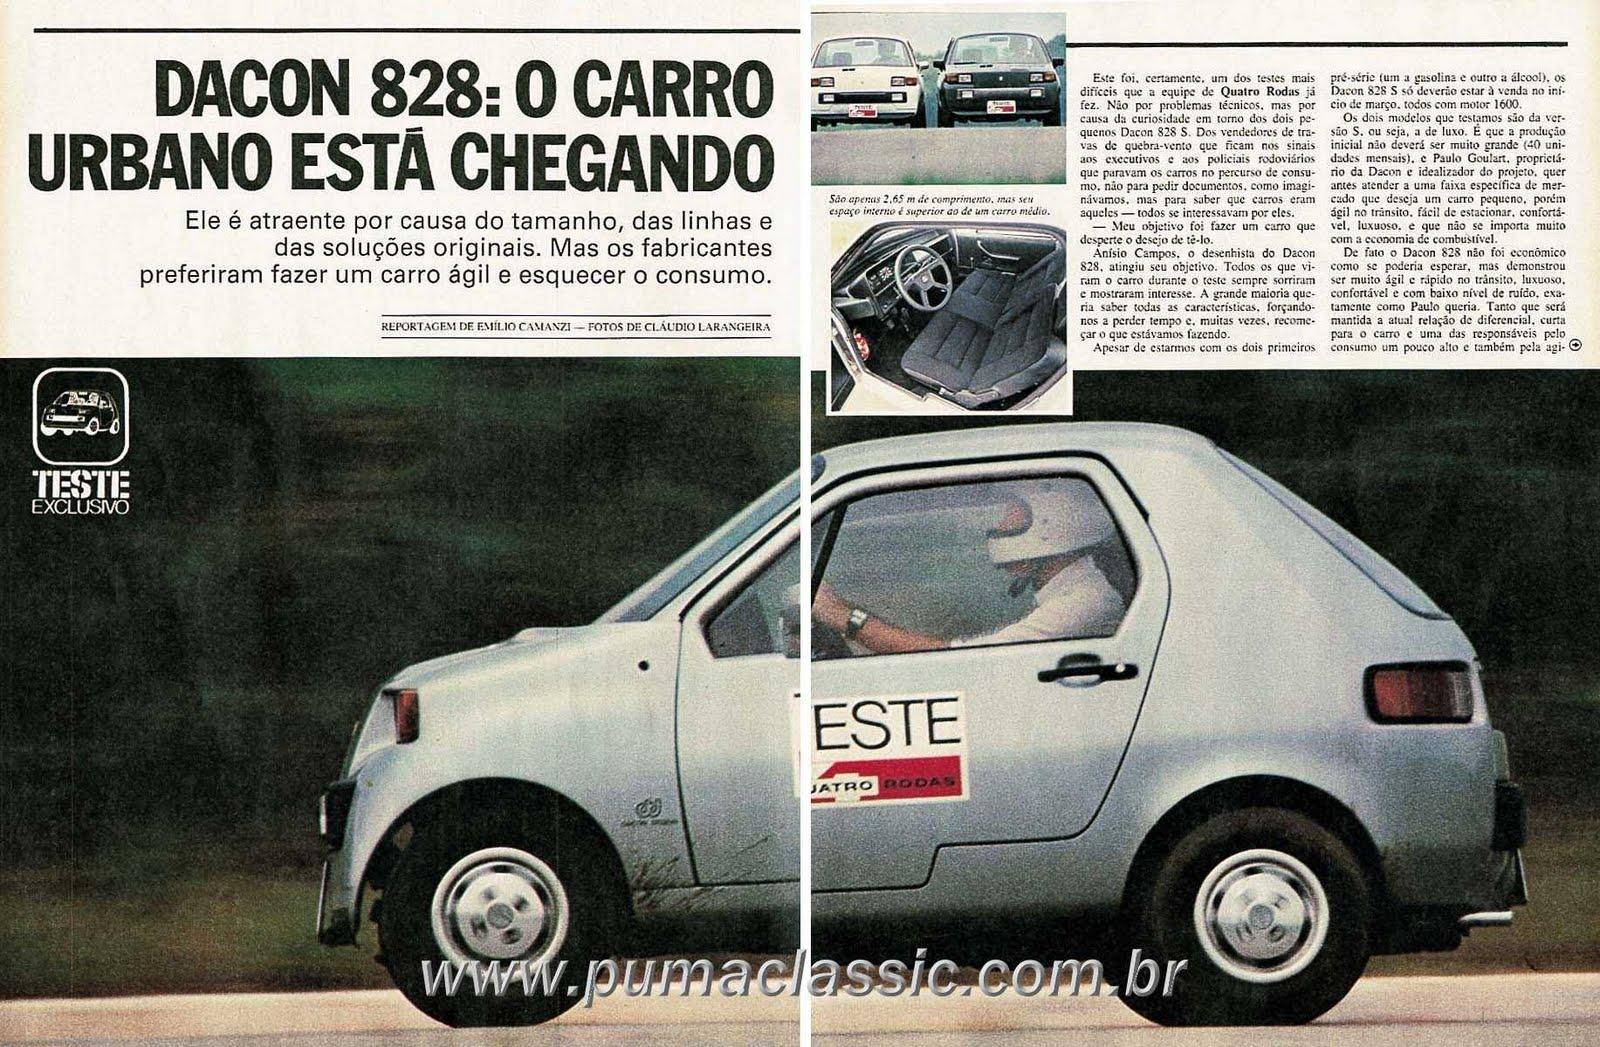 Dacon-828--4X4-Braziliaanse-urban-auto-ontworpen-door-Anisio-Campos.-Het-werd-verkocht-van-1983-tot-juli-1994-5